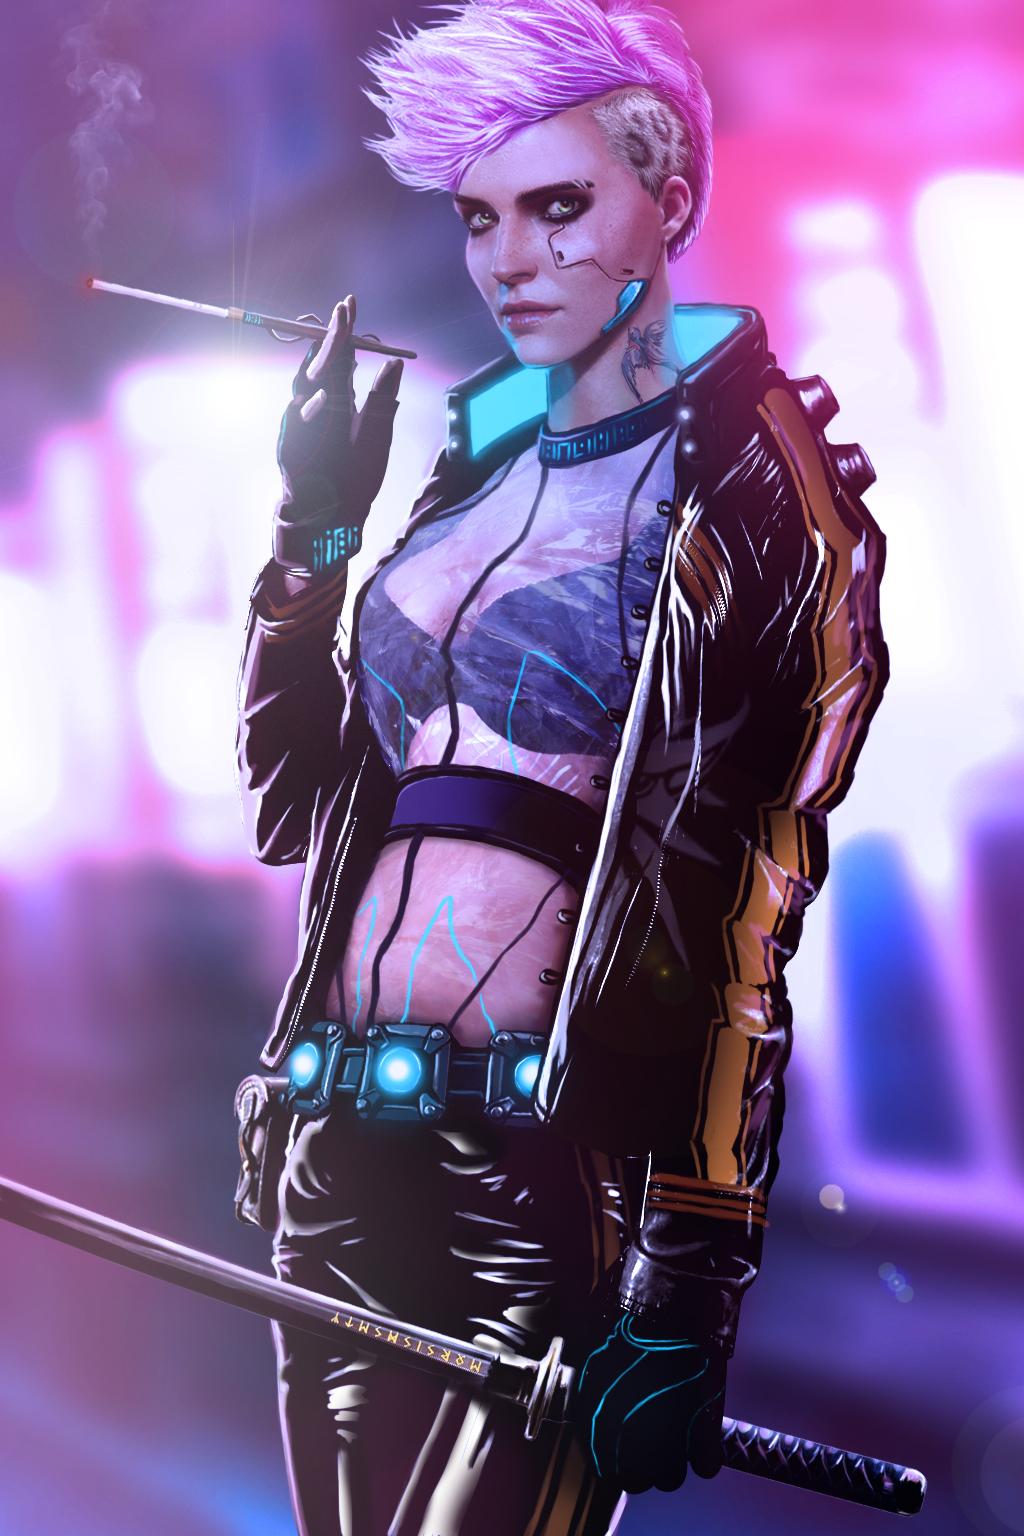 Ciri Cyberpunk 2077 by benSatori on DeviantArt